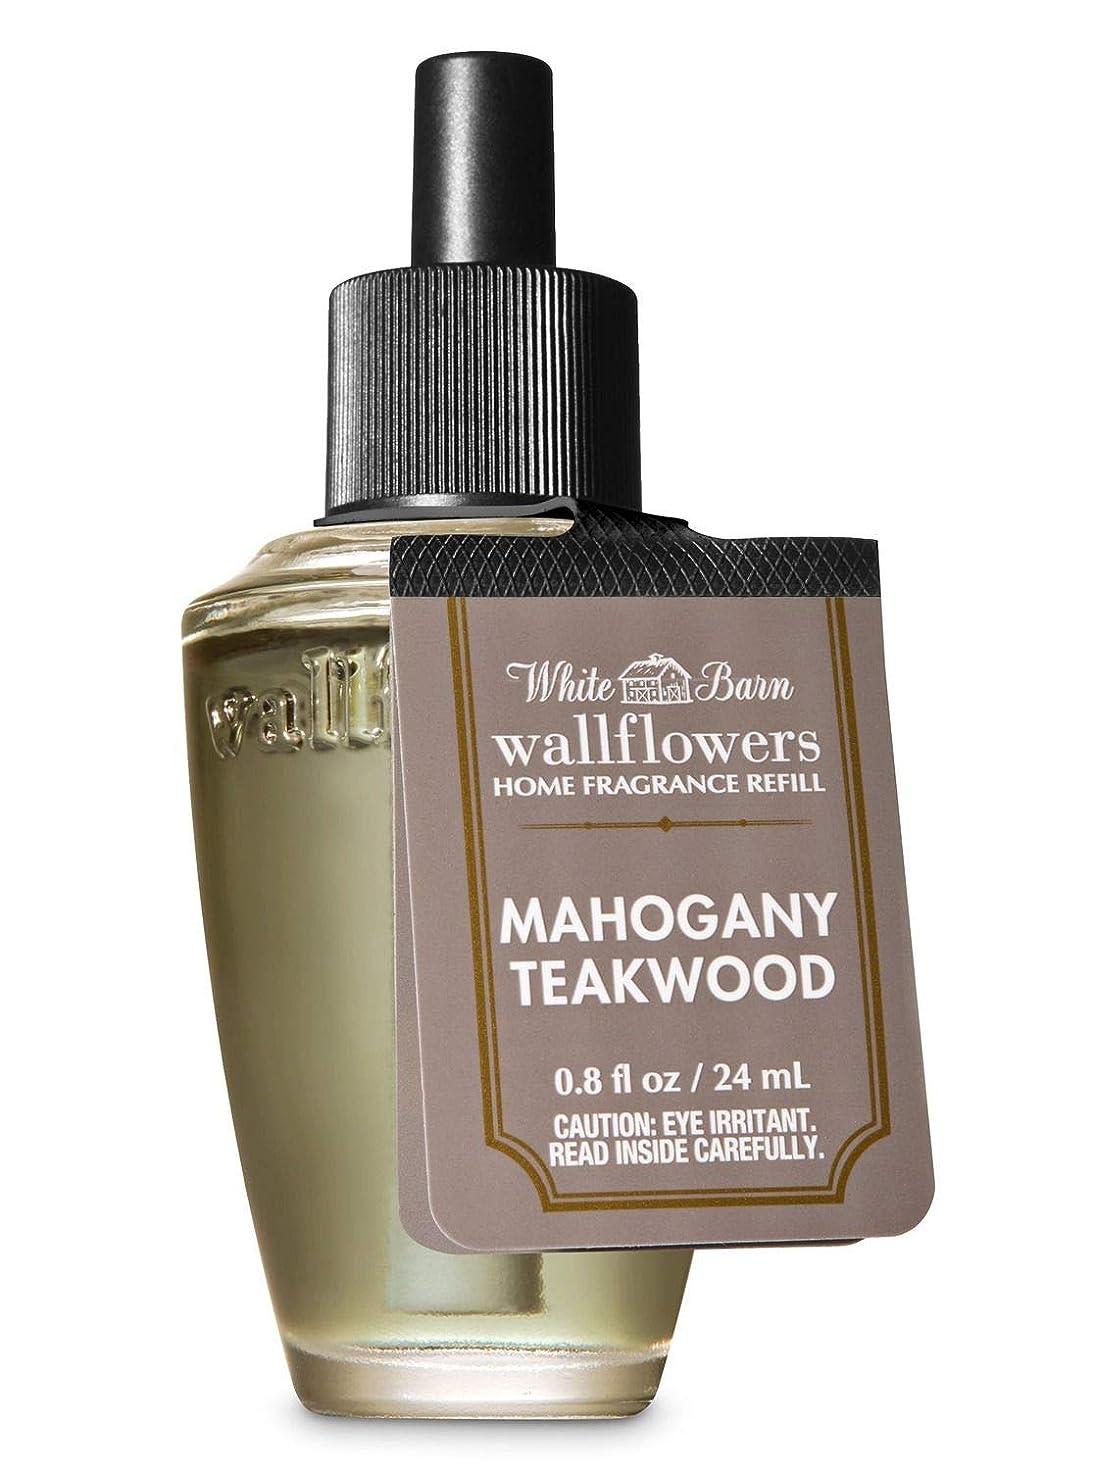 巧みなそこお世話になった【Bath&Body Works/バス&ボディワークス】 ルームフレグランス 詰替えリフィル マホガニーティークウッド Wallflowers Home Fragrance Refill Mahogany Teakwood [並行輸入品]